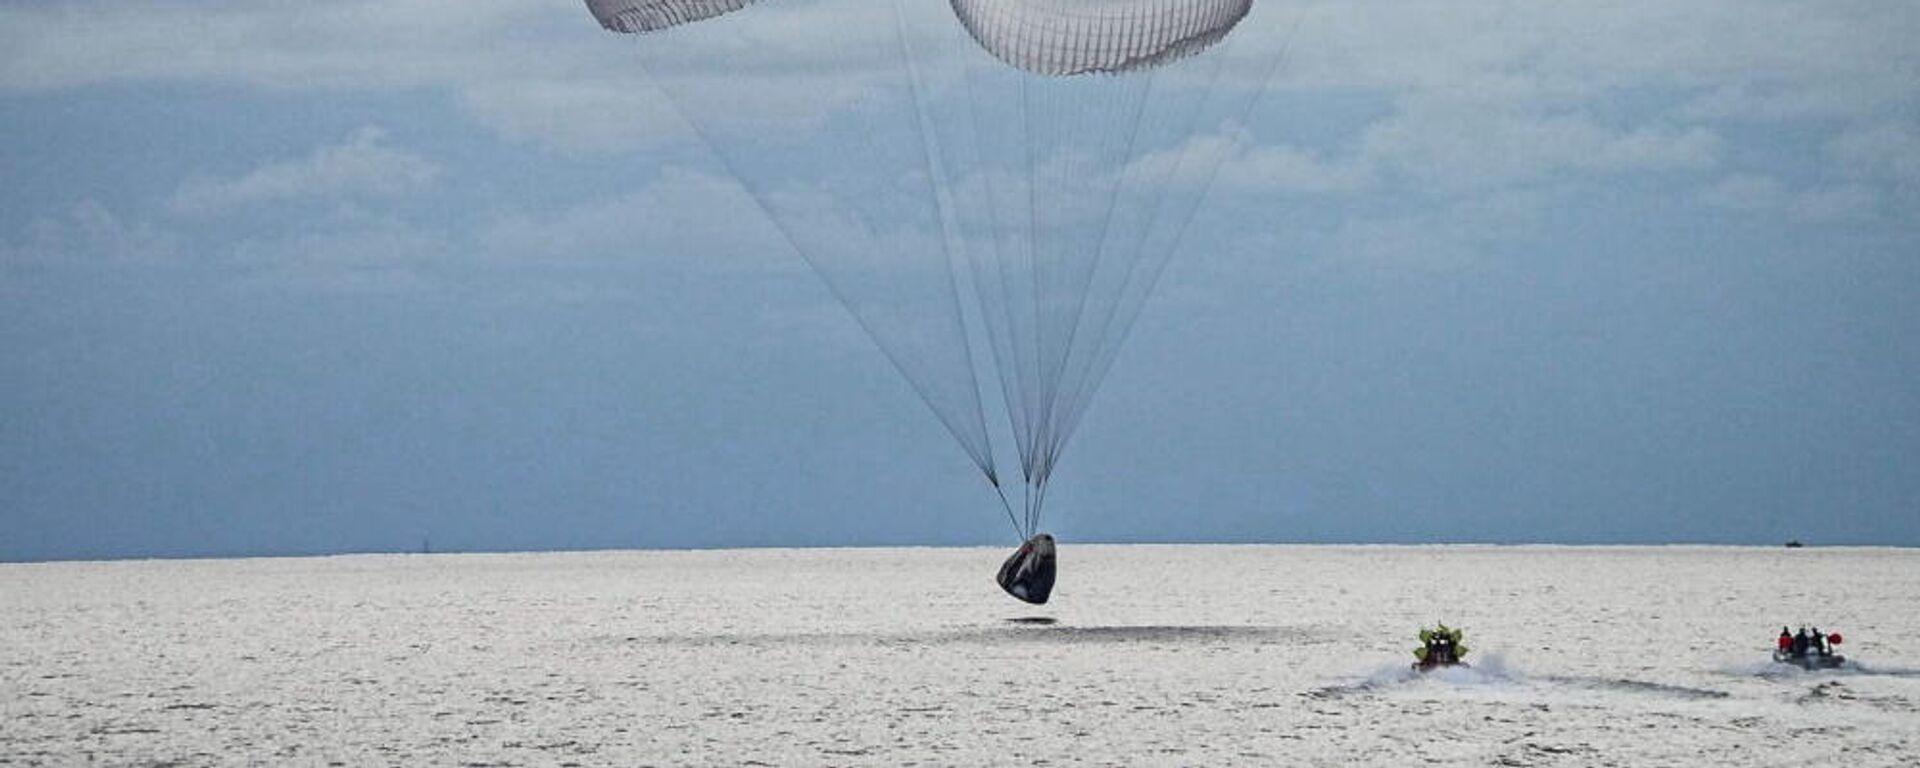 Η στιγμή της προσθαλάσσωσης της διαστημικής αποστολής Inspiration4 από τη SpaceX, 18 Σεπτεμβρίου 2021 - Sputnik Ελλάδα, 1920, 19.09.2021